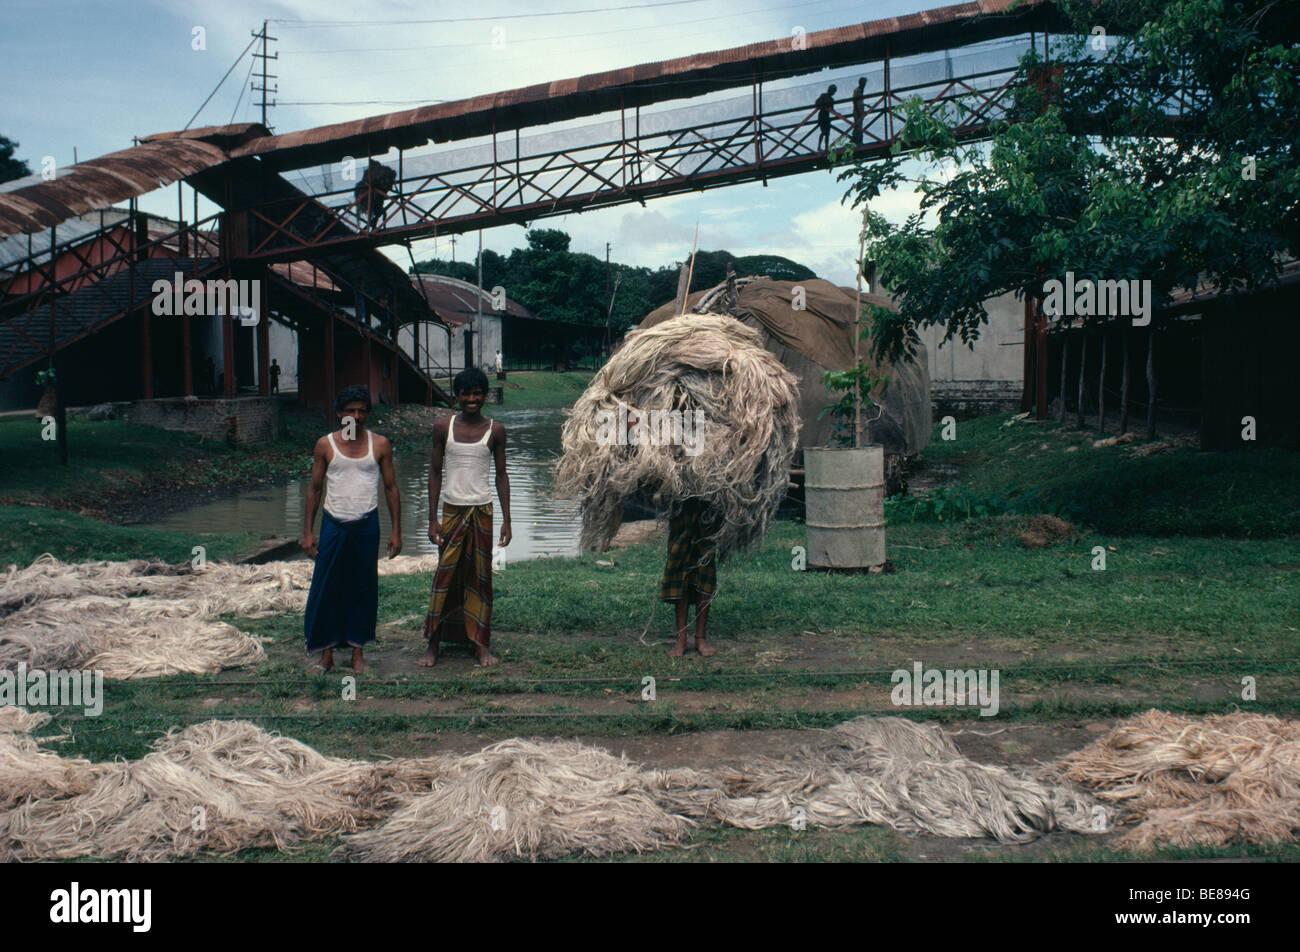 9058f5728 Sur de Asia Bangladesh yute fabricación trabajadores con fibras amontonadas  fuera de fábrica. Imagen De